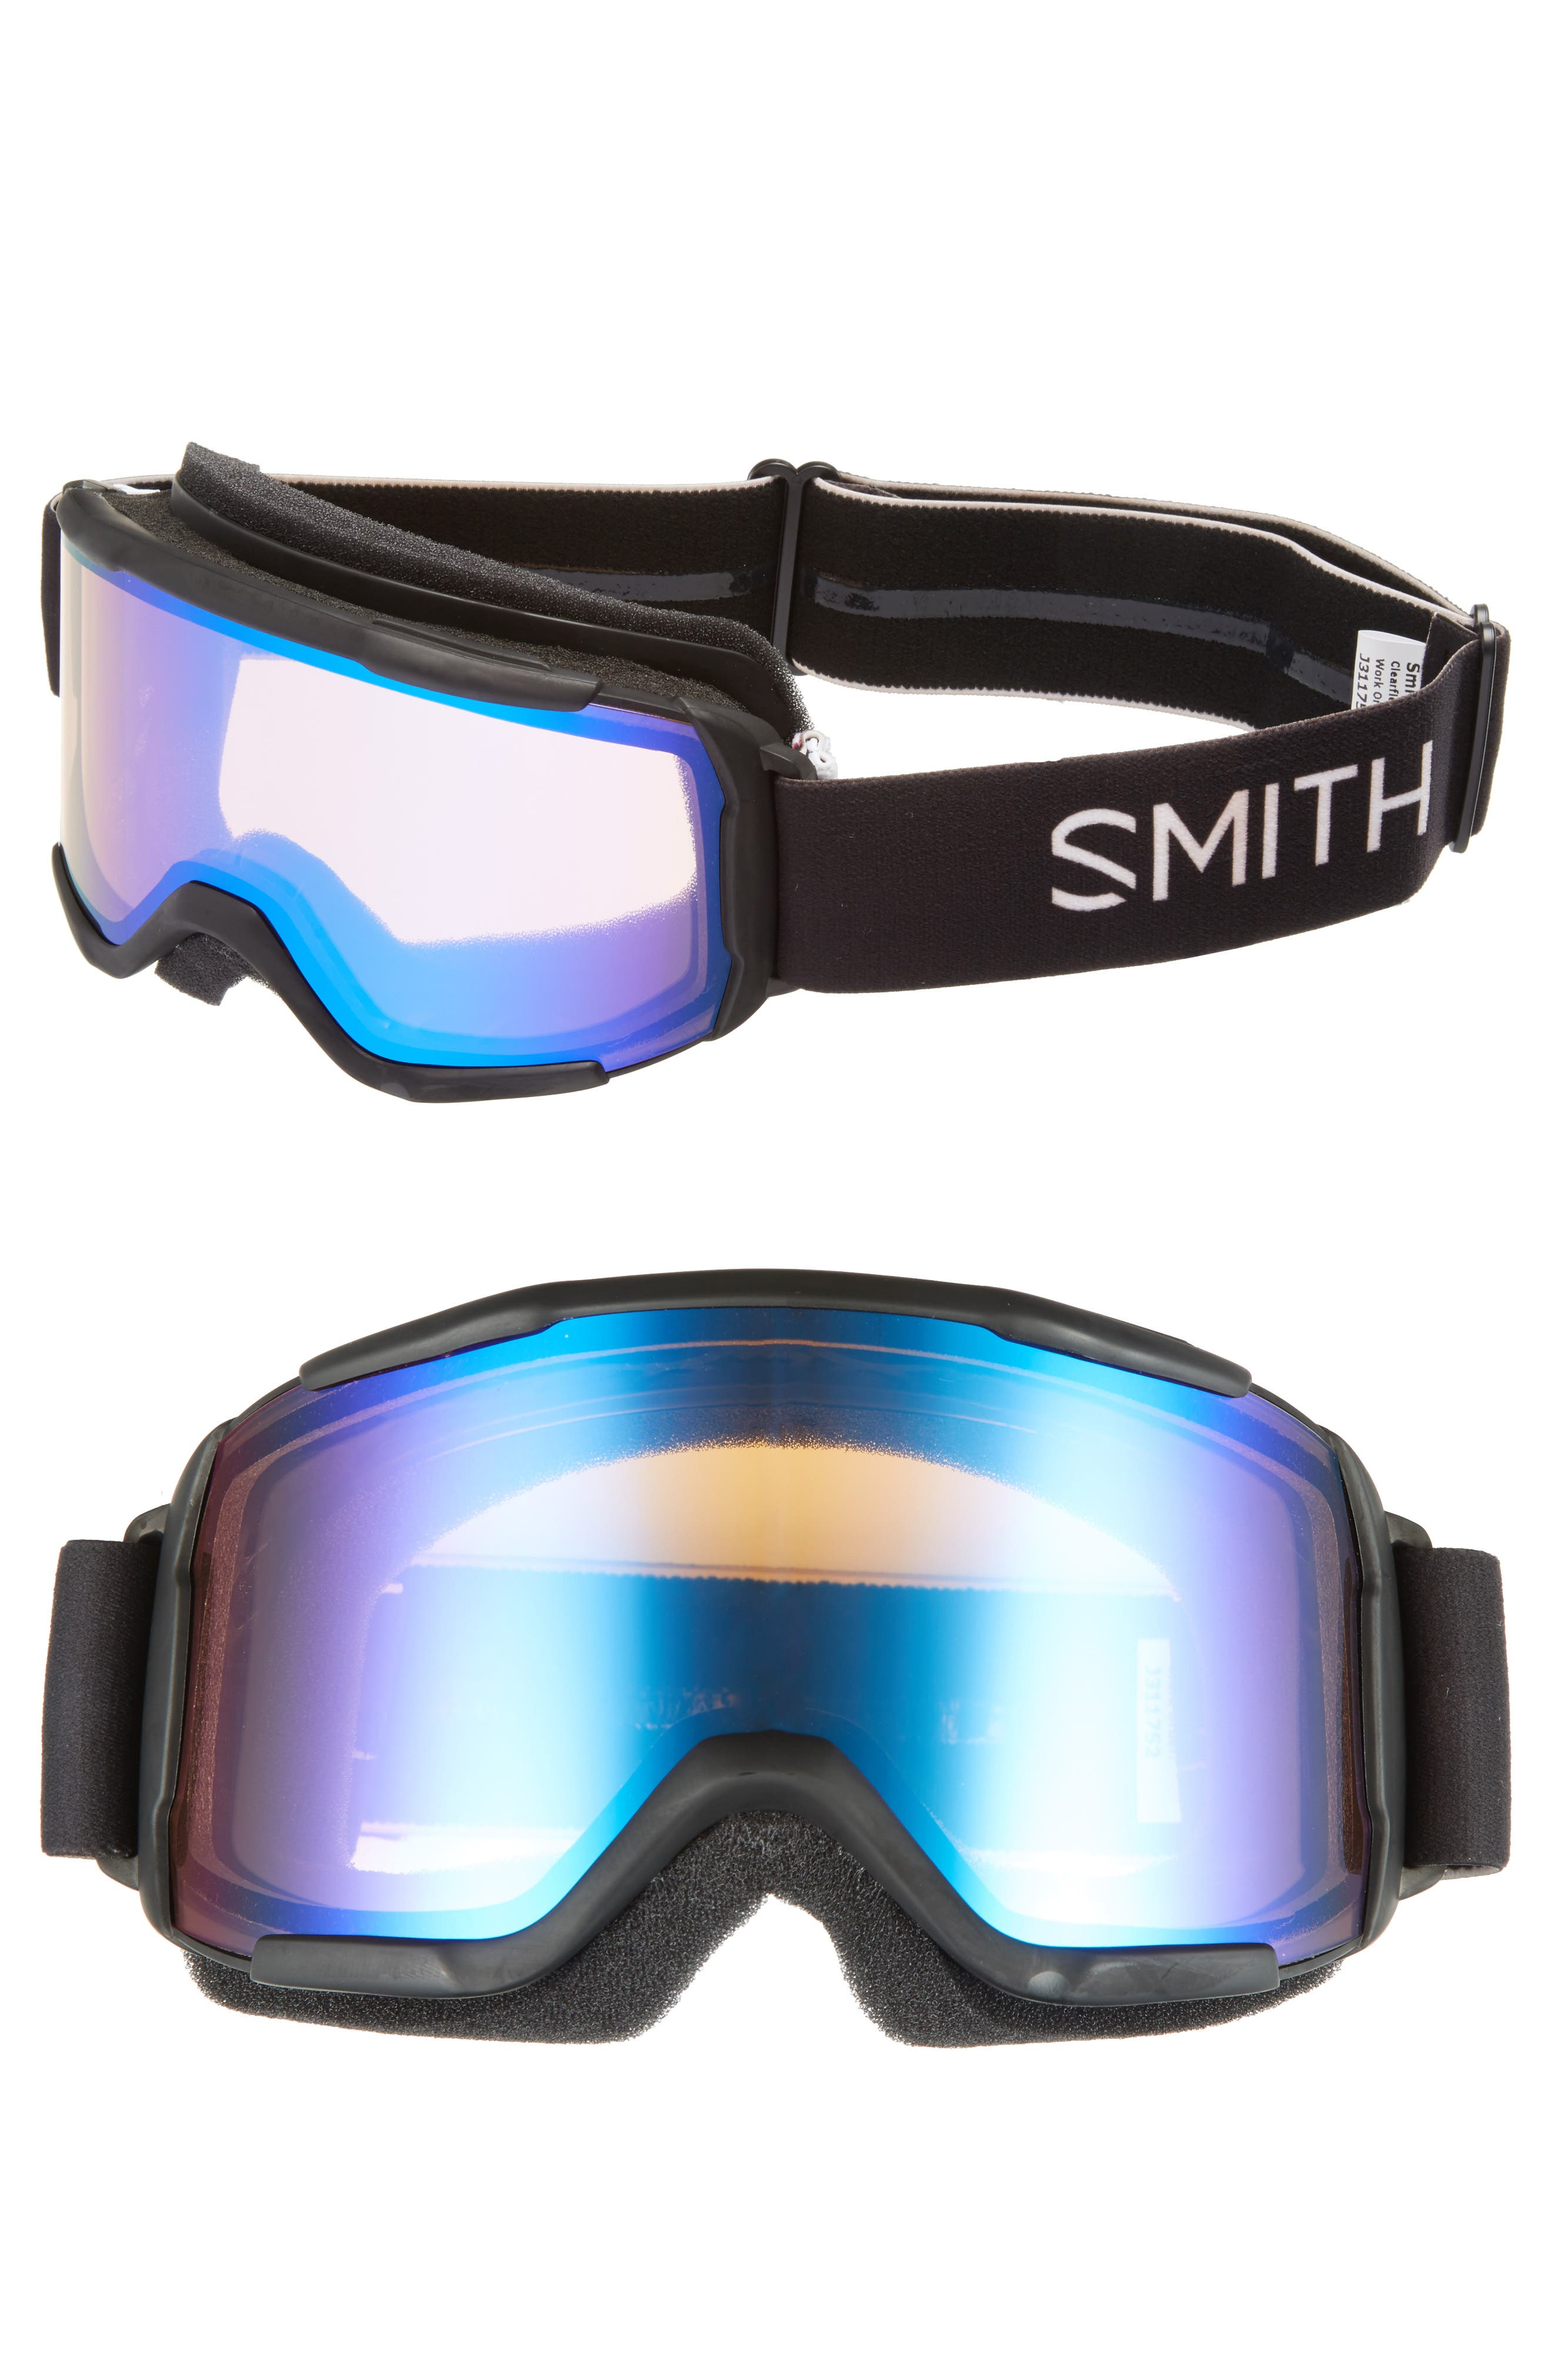 Daredevil 175mm Snow Goggles,                         Main,                         color, BLACK/ MIRROR